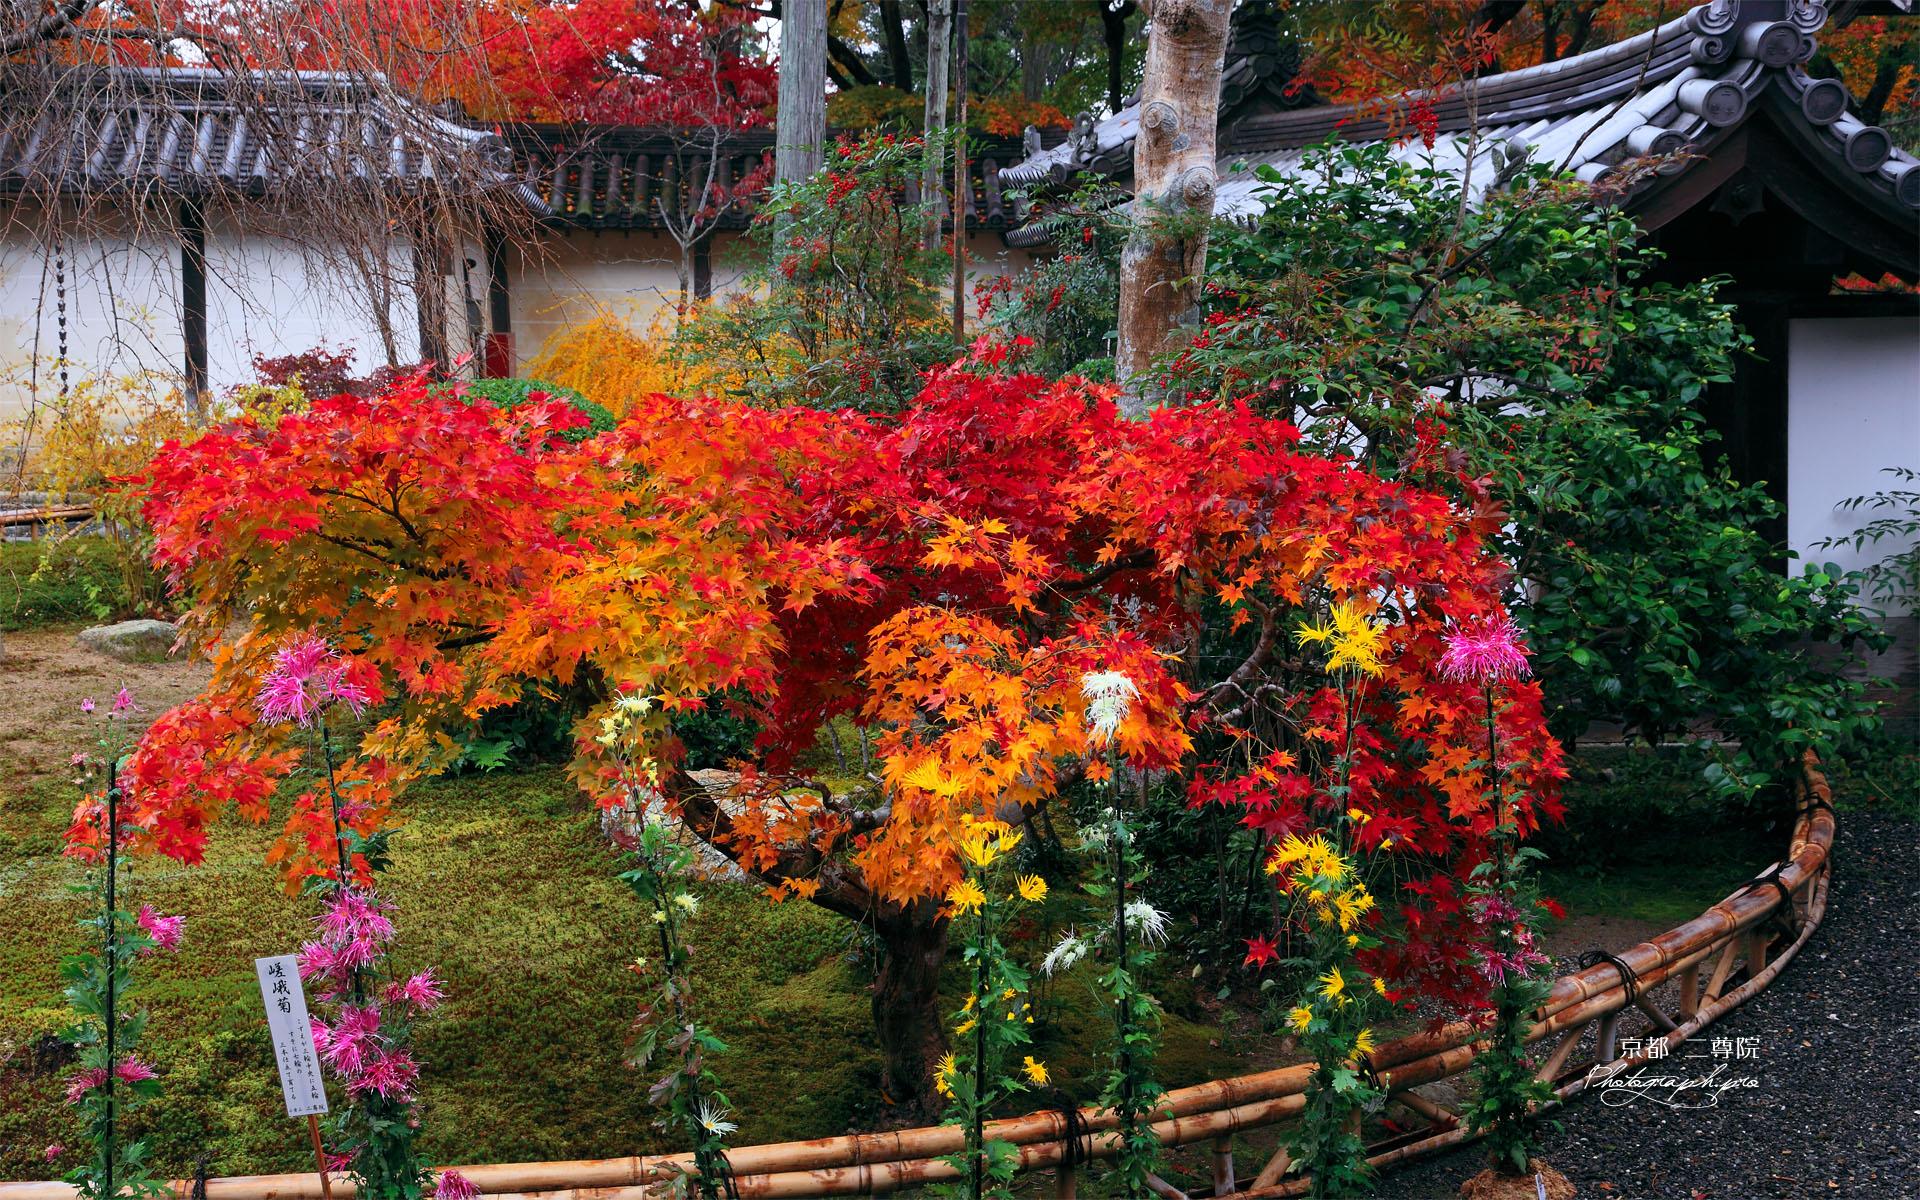 二尊院の嵯峨菊と楓